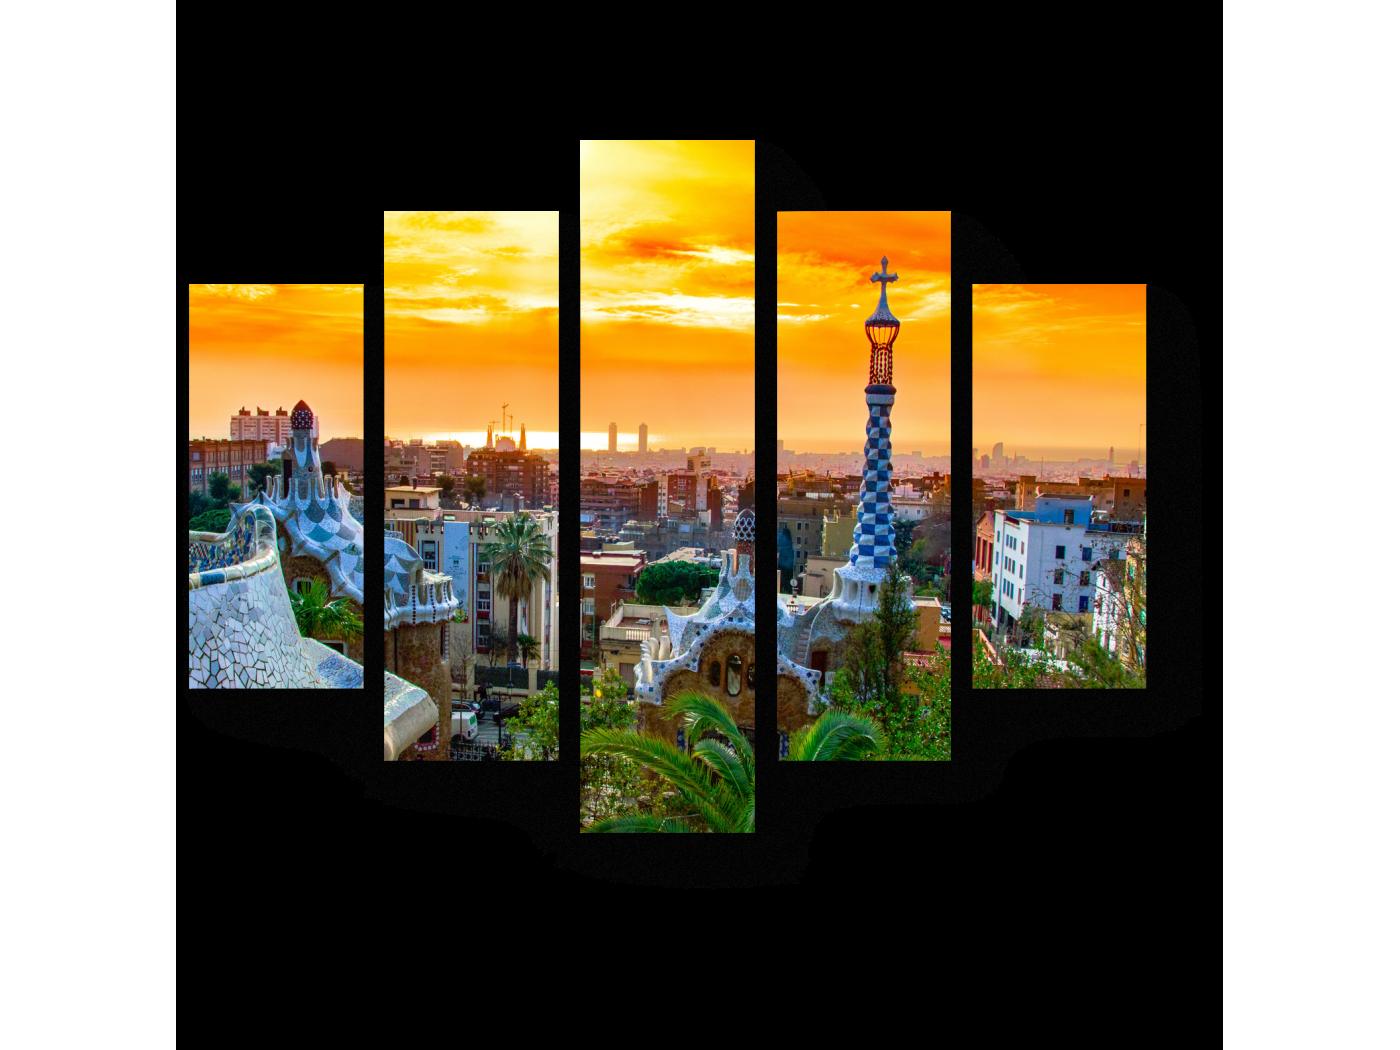 Модульная картина Великолепный закат, Барселона (75x60) фото